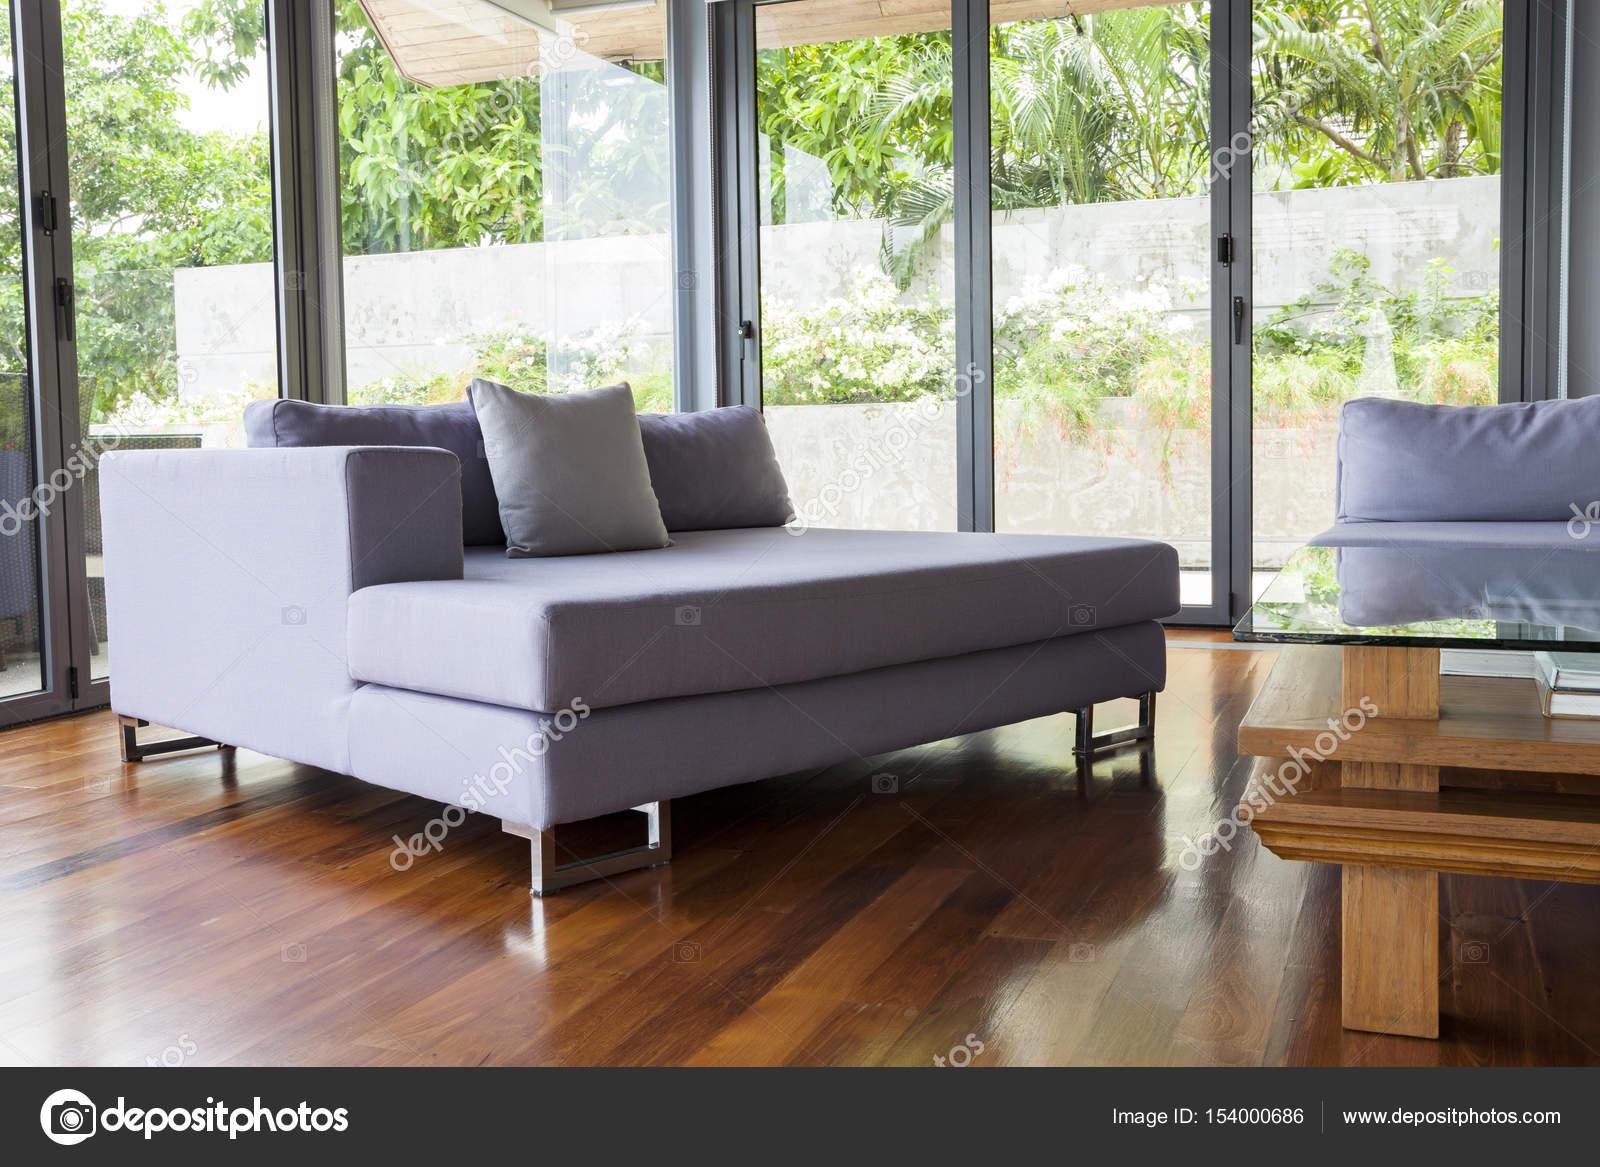 Modernes Wohnen Ruheraum mit sofa — Stockfoto © panya9966 #154000686